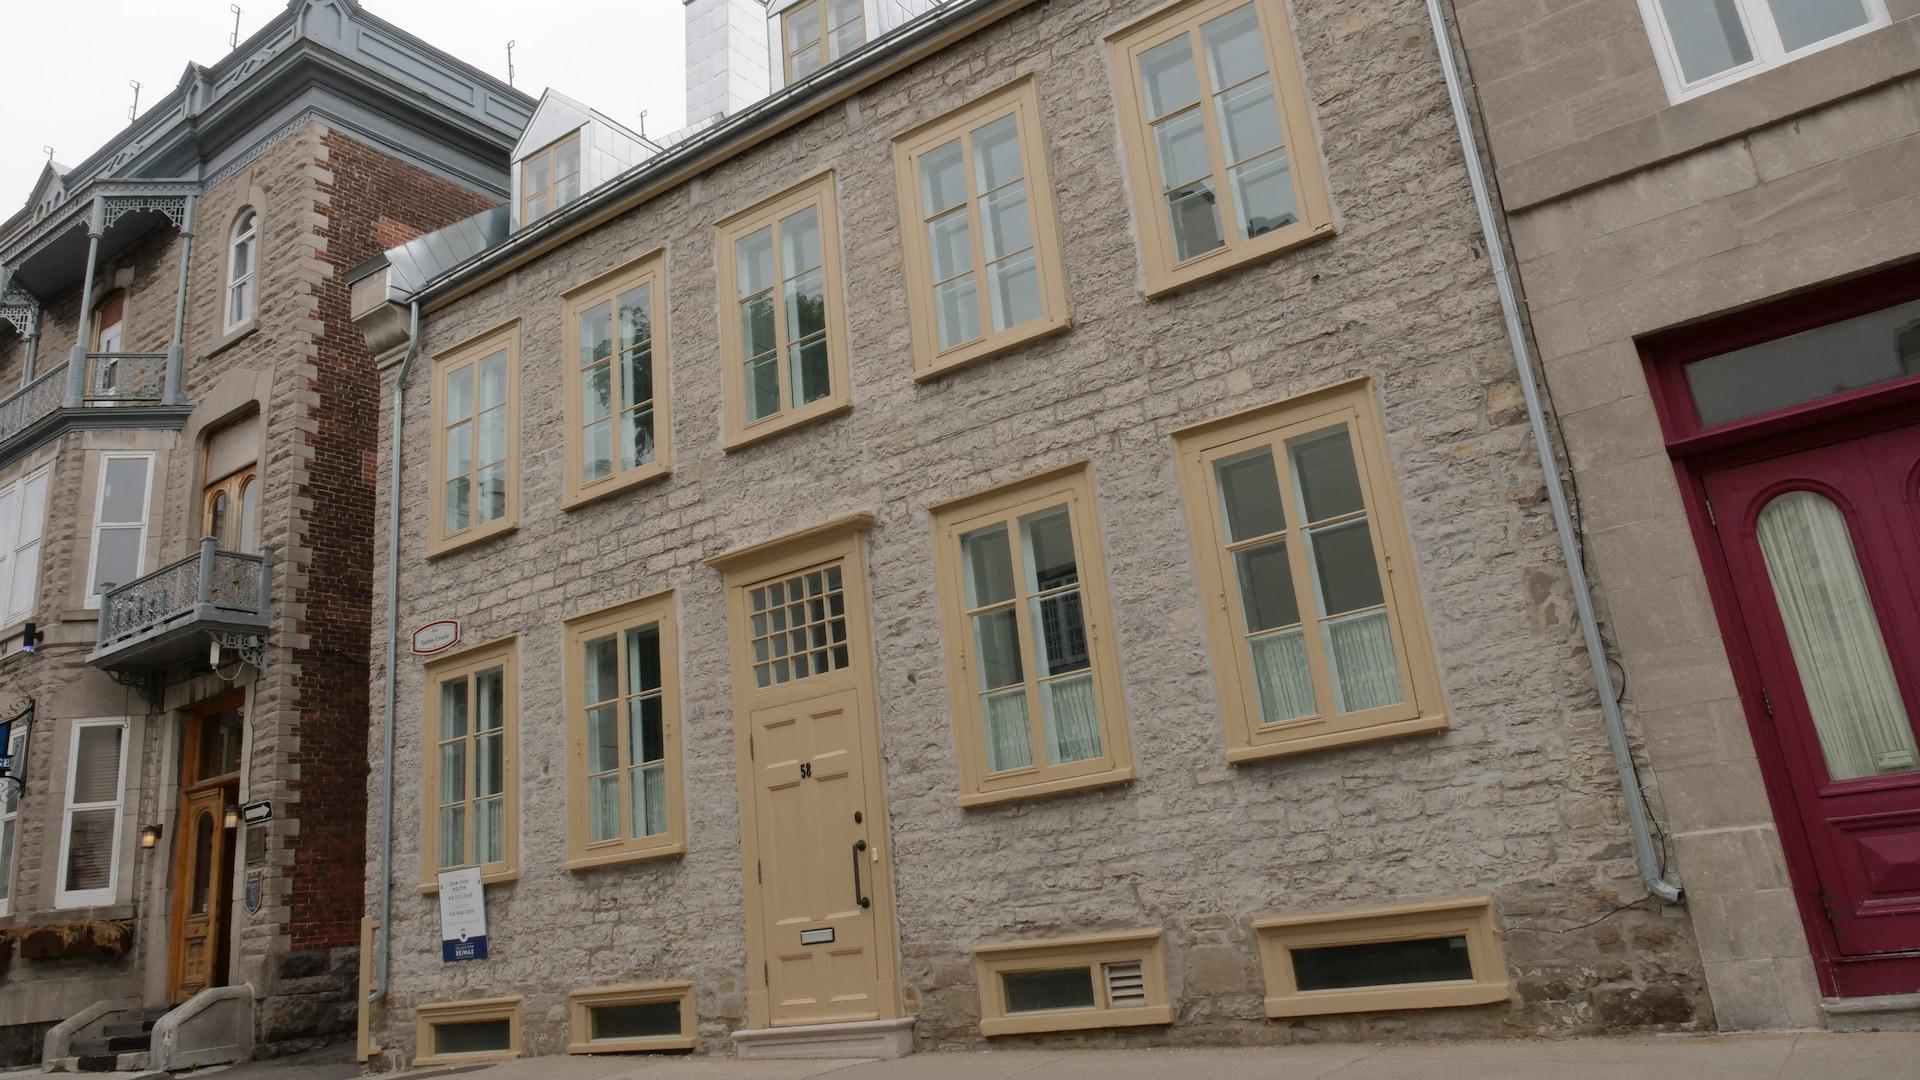 Une maison au toit de tôle à deux versants donne directement sur la rue. La porte rehaussée donne directement sur l'escalier à l'intérieur, elle est parfaitement alignée avec les fenêtres du rez-de-chaussée.